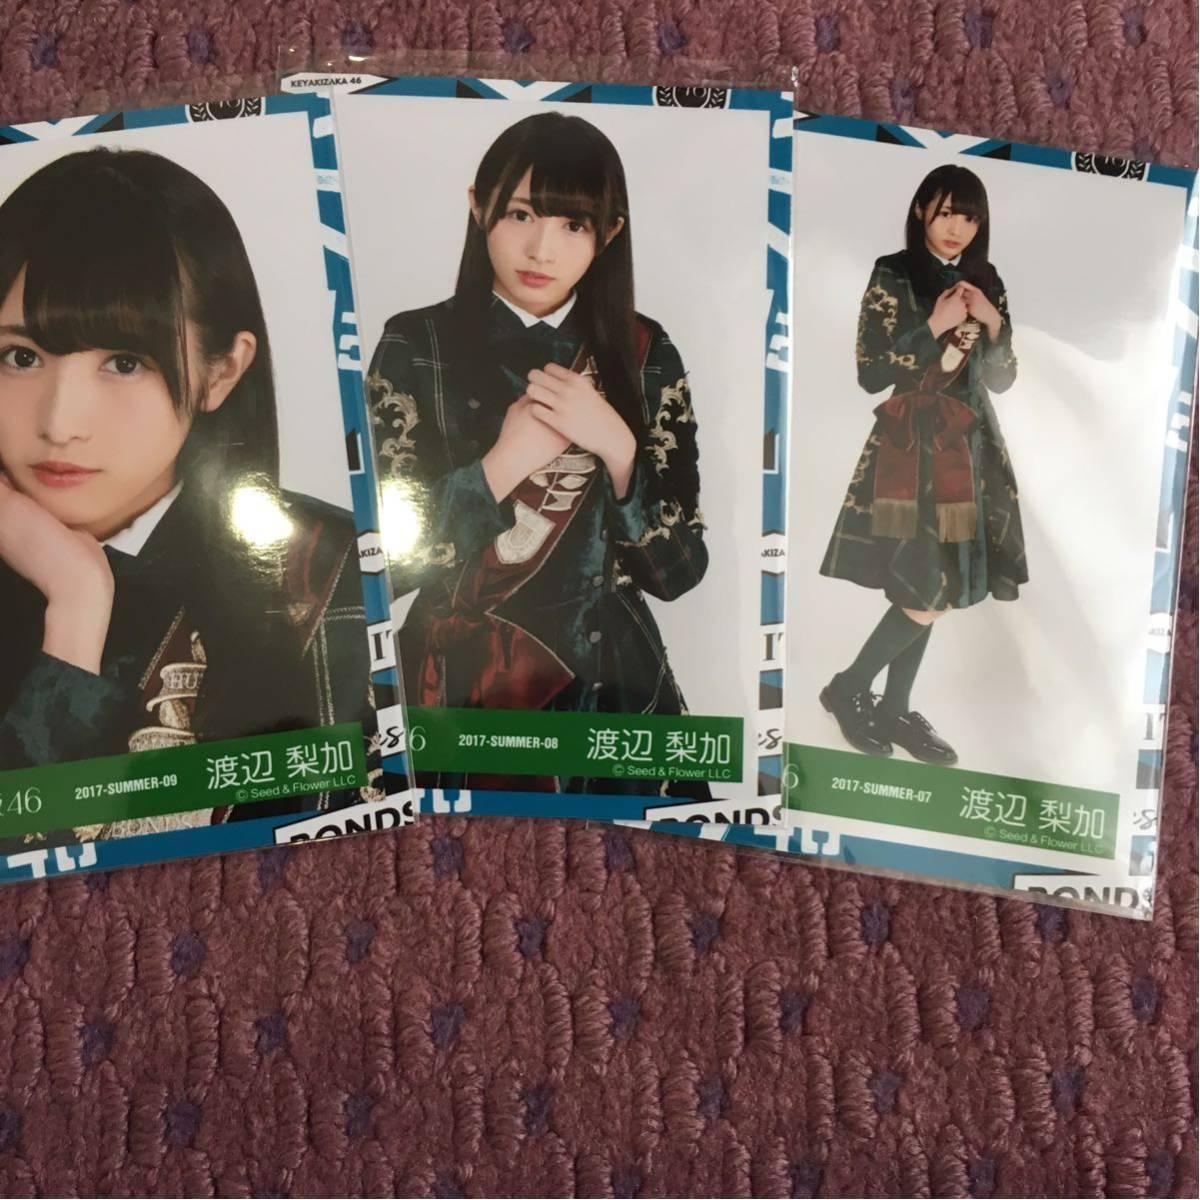 渡辺梨加 第67回NHK紅白歌合戦 歌衣装 3種コンプ 欅坂46 生写真